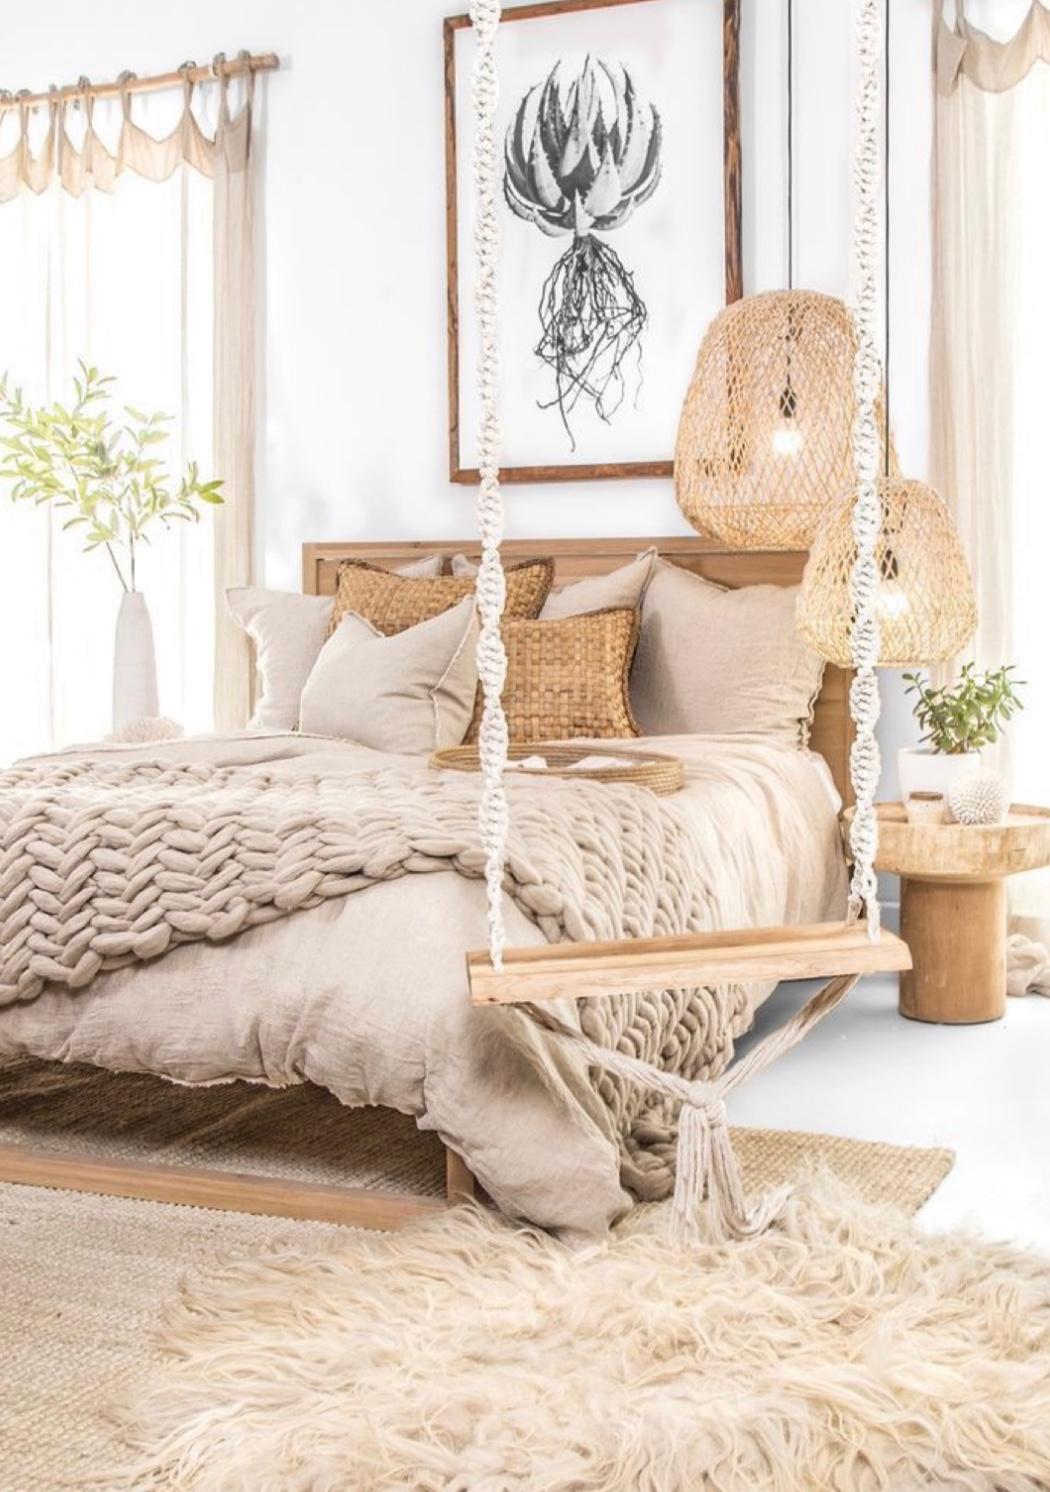 Styl bez pravidel: Zařiďte si bydlení v BOHO stylu